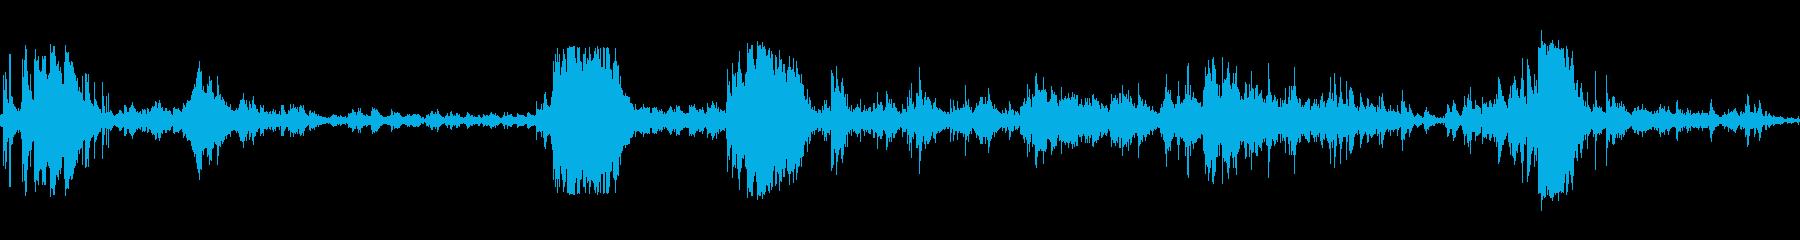 メタルシェイクラトルシンの再生済みの波形